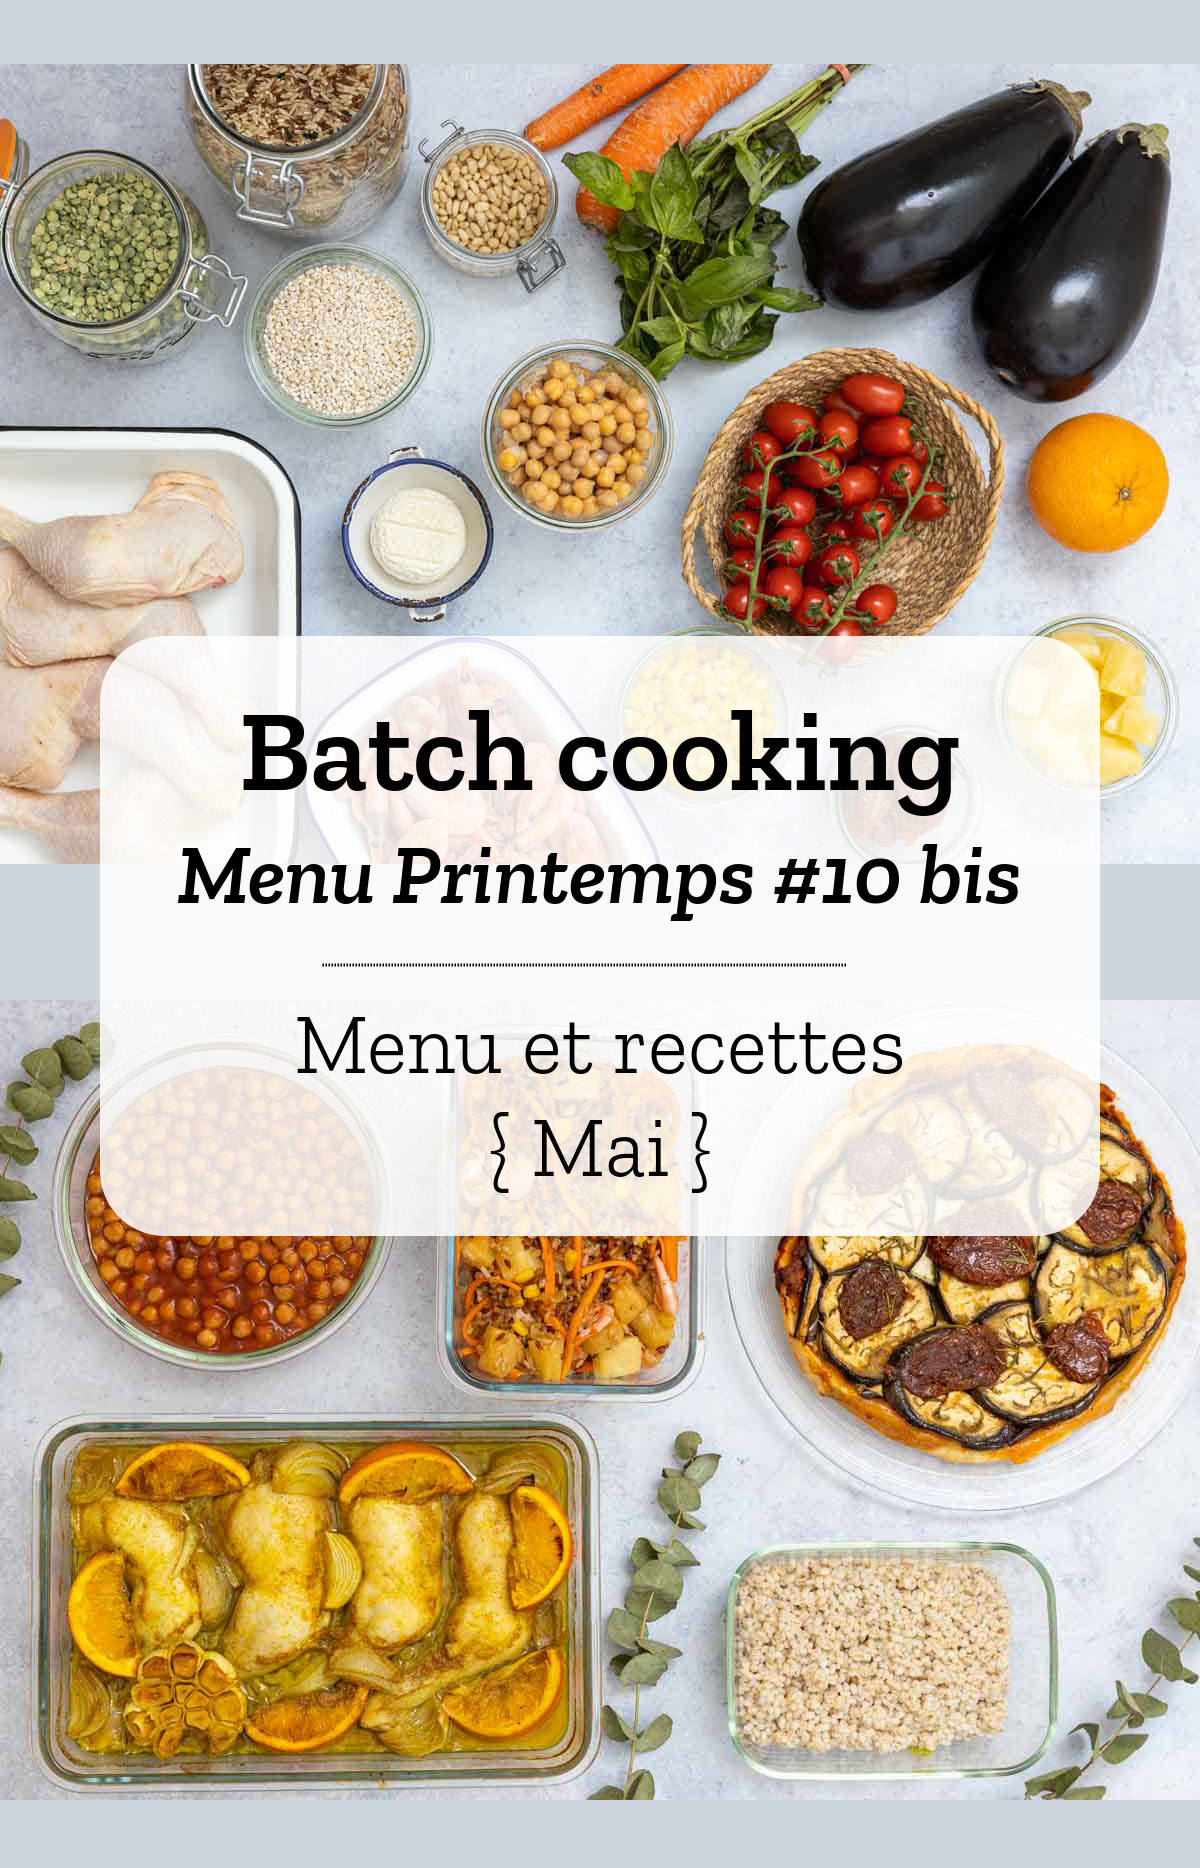 Batch cooking Printemps #10 bis - Mois de Mai 2020 - Semaine 22